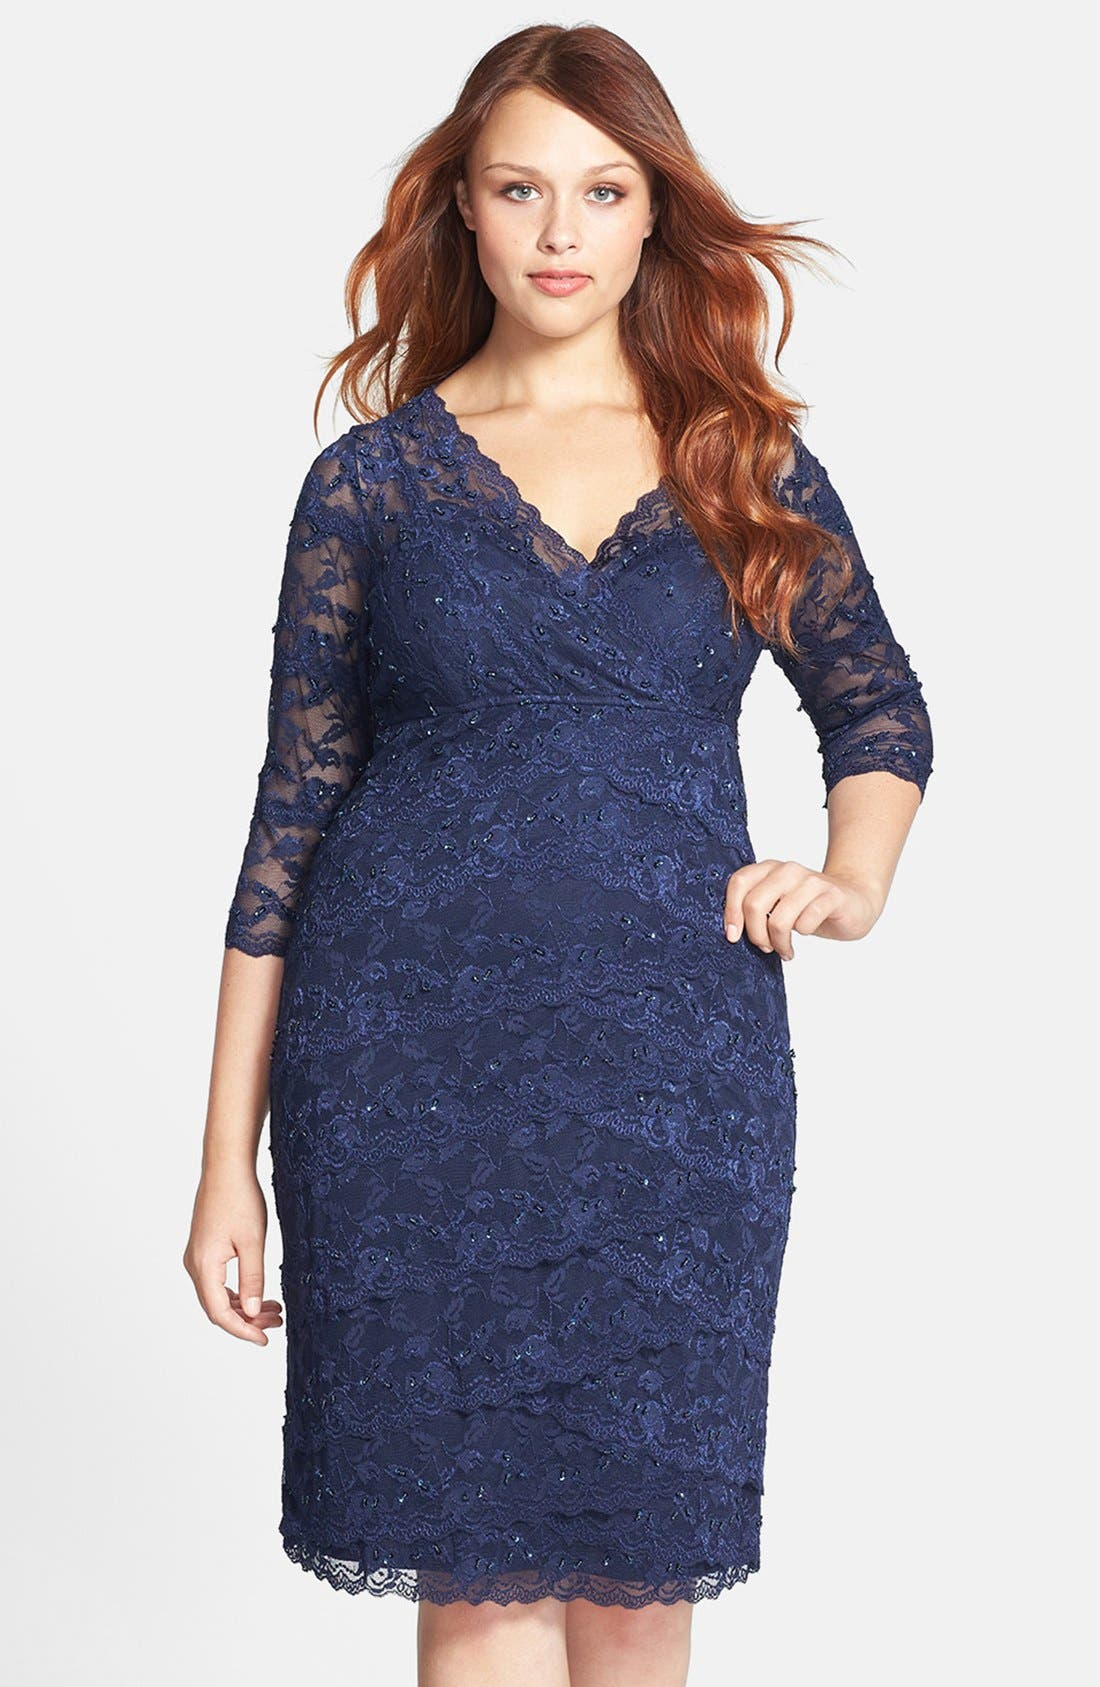 Alternate Image 1 Selected - Marina Embellished Three Quarter Sleeve Lace Dress (Plus Size)